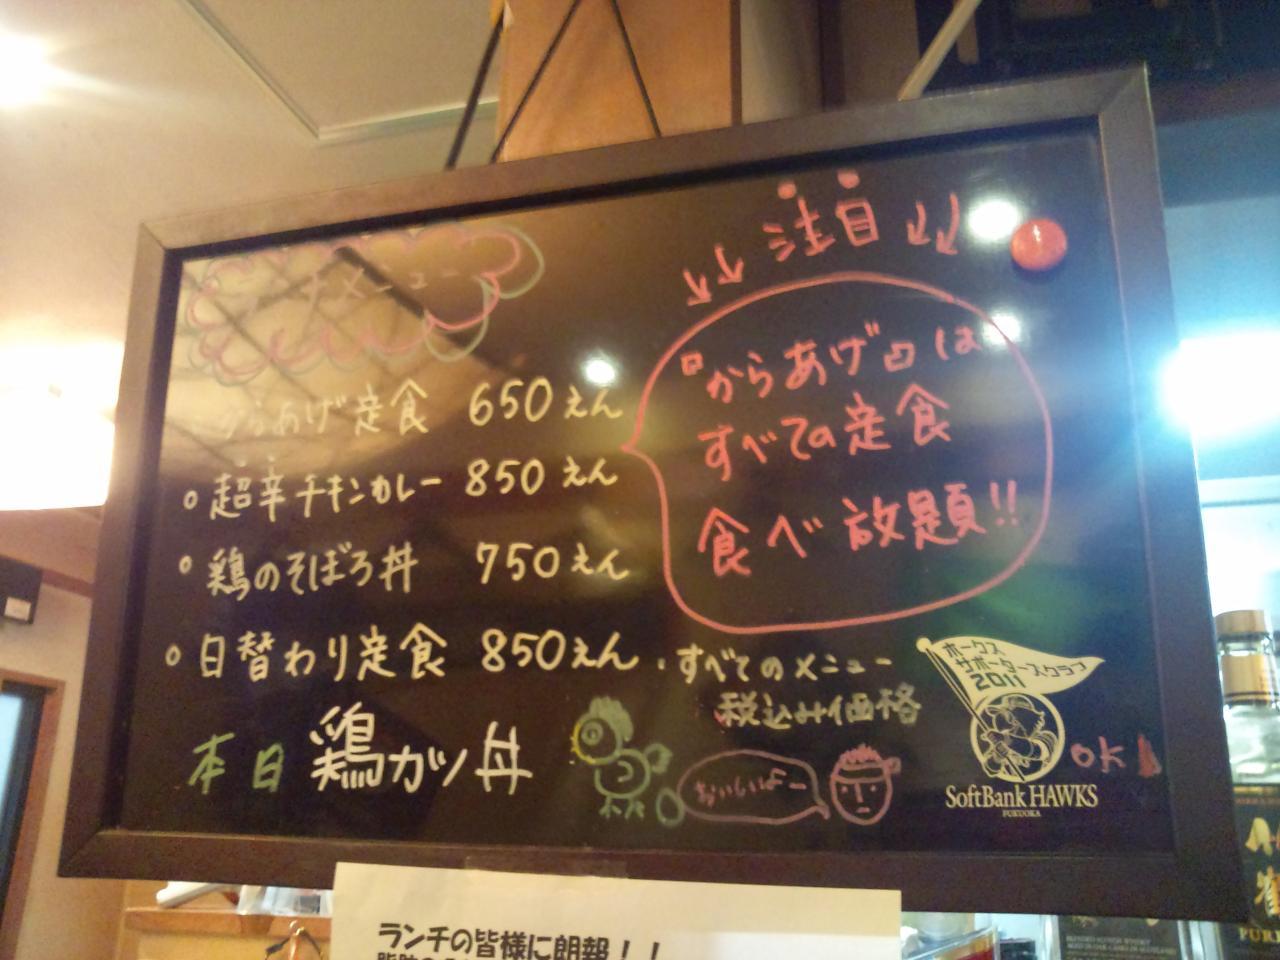 ぢどち亭秋葉原佐久間町店(メニュー)